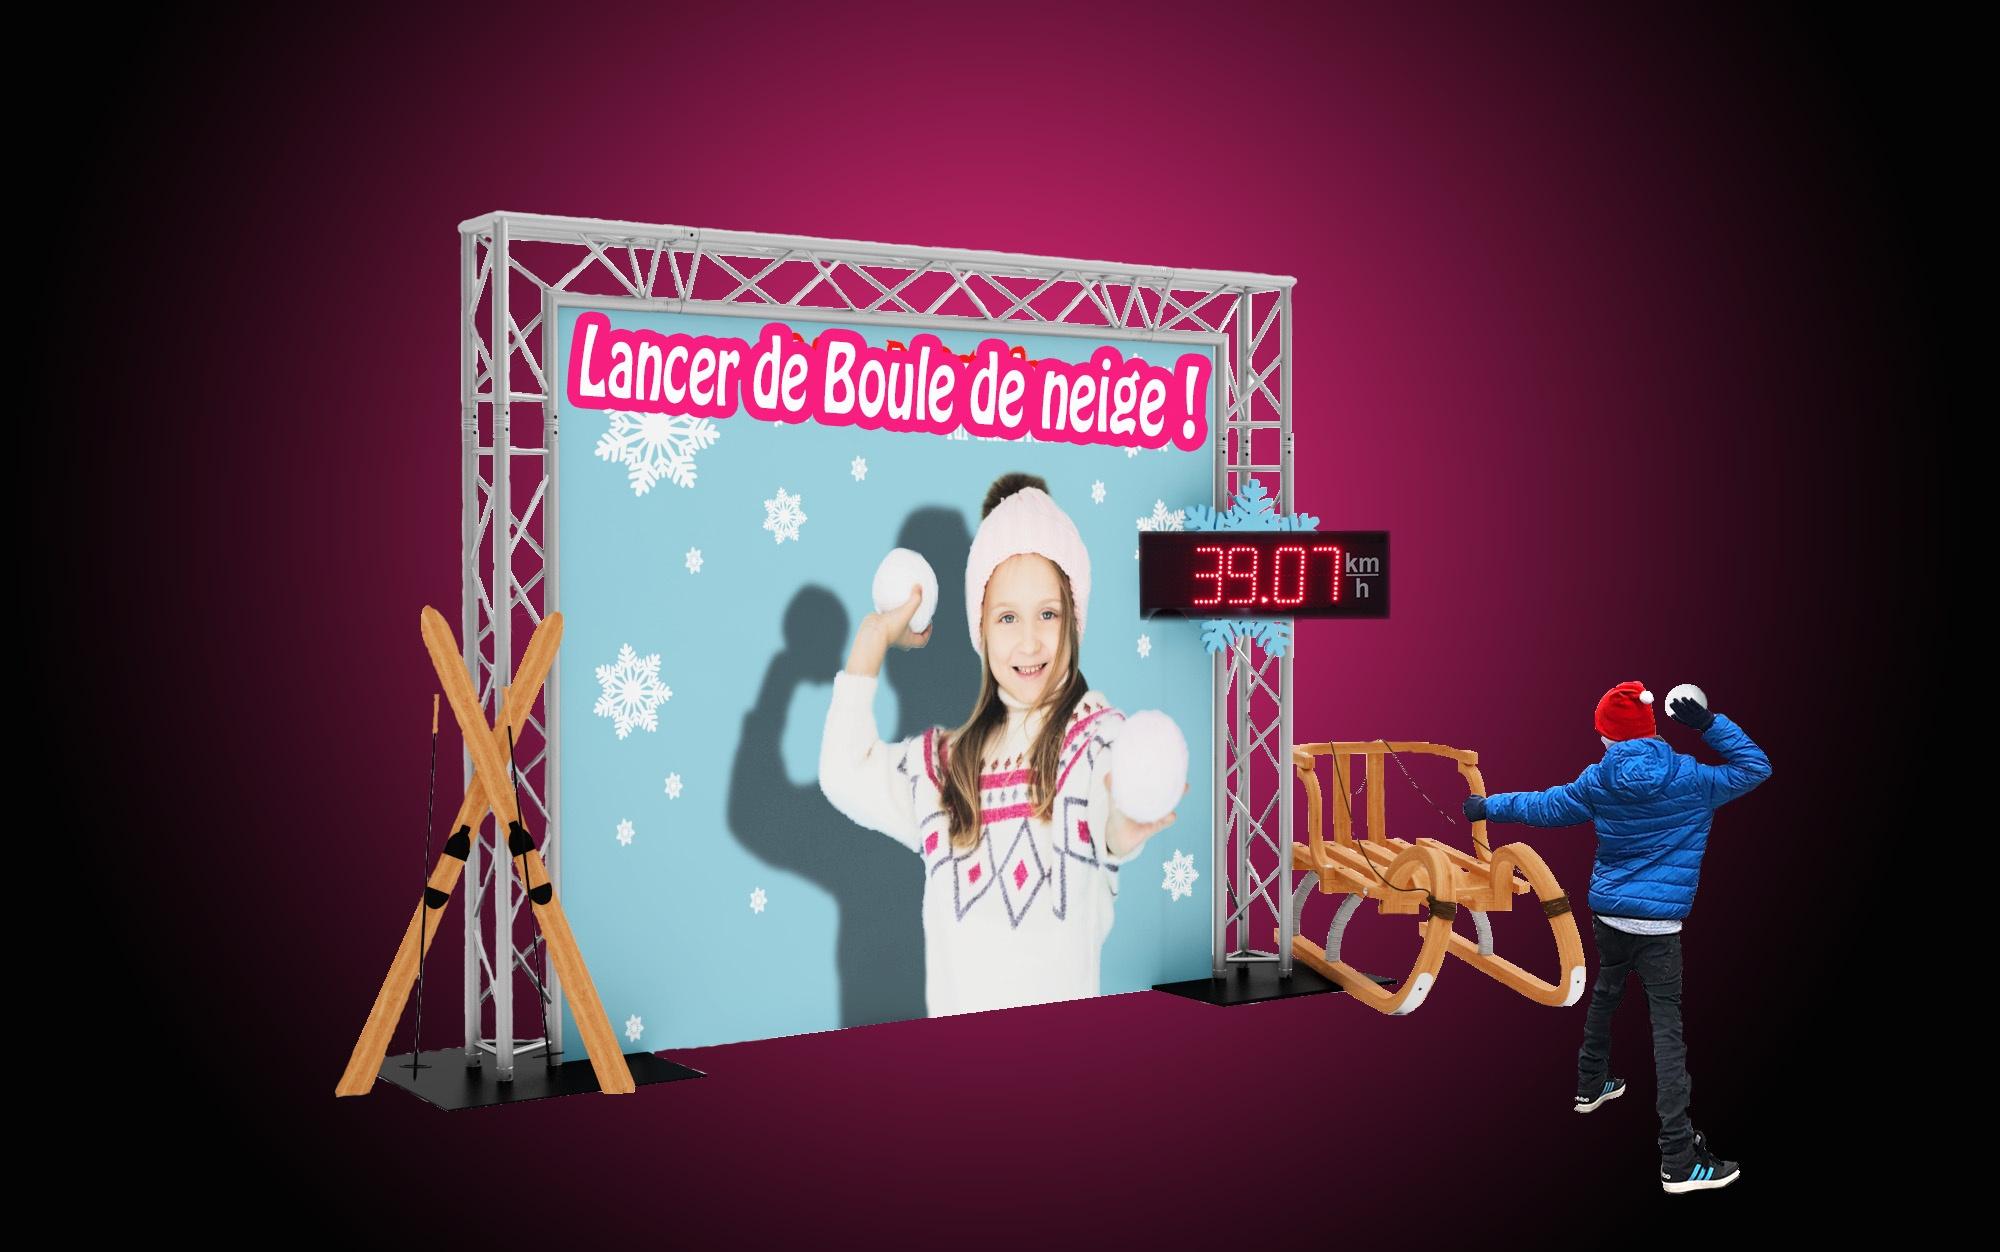 Animation hiver Noël, le lancer de Boule de neige mesuré par radar et structure